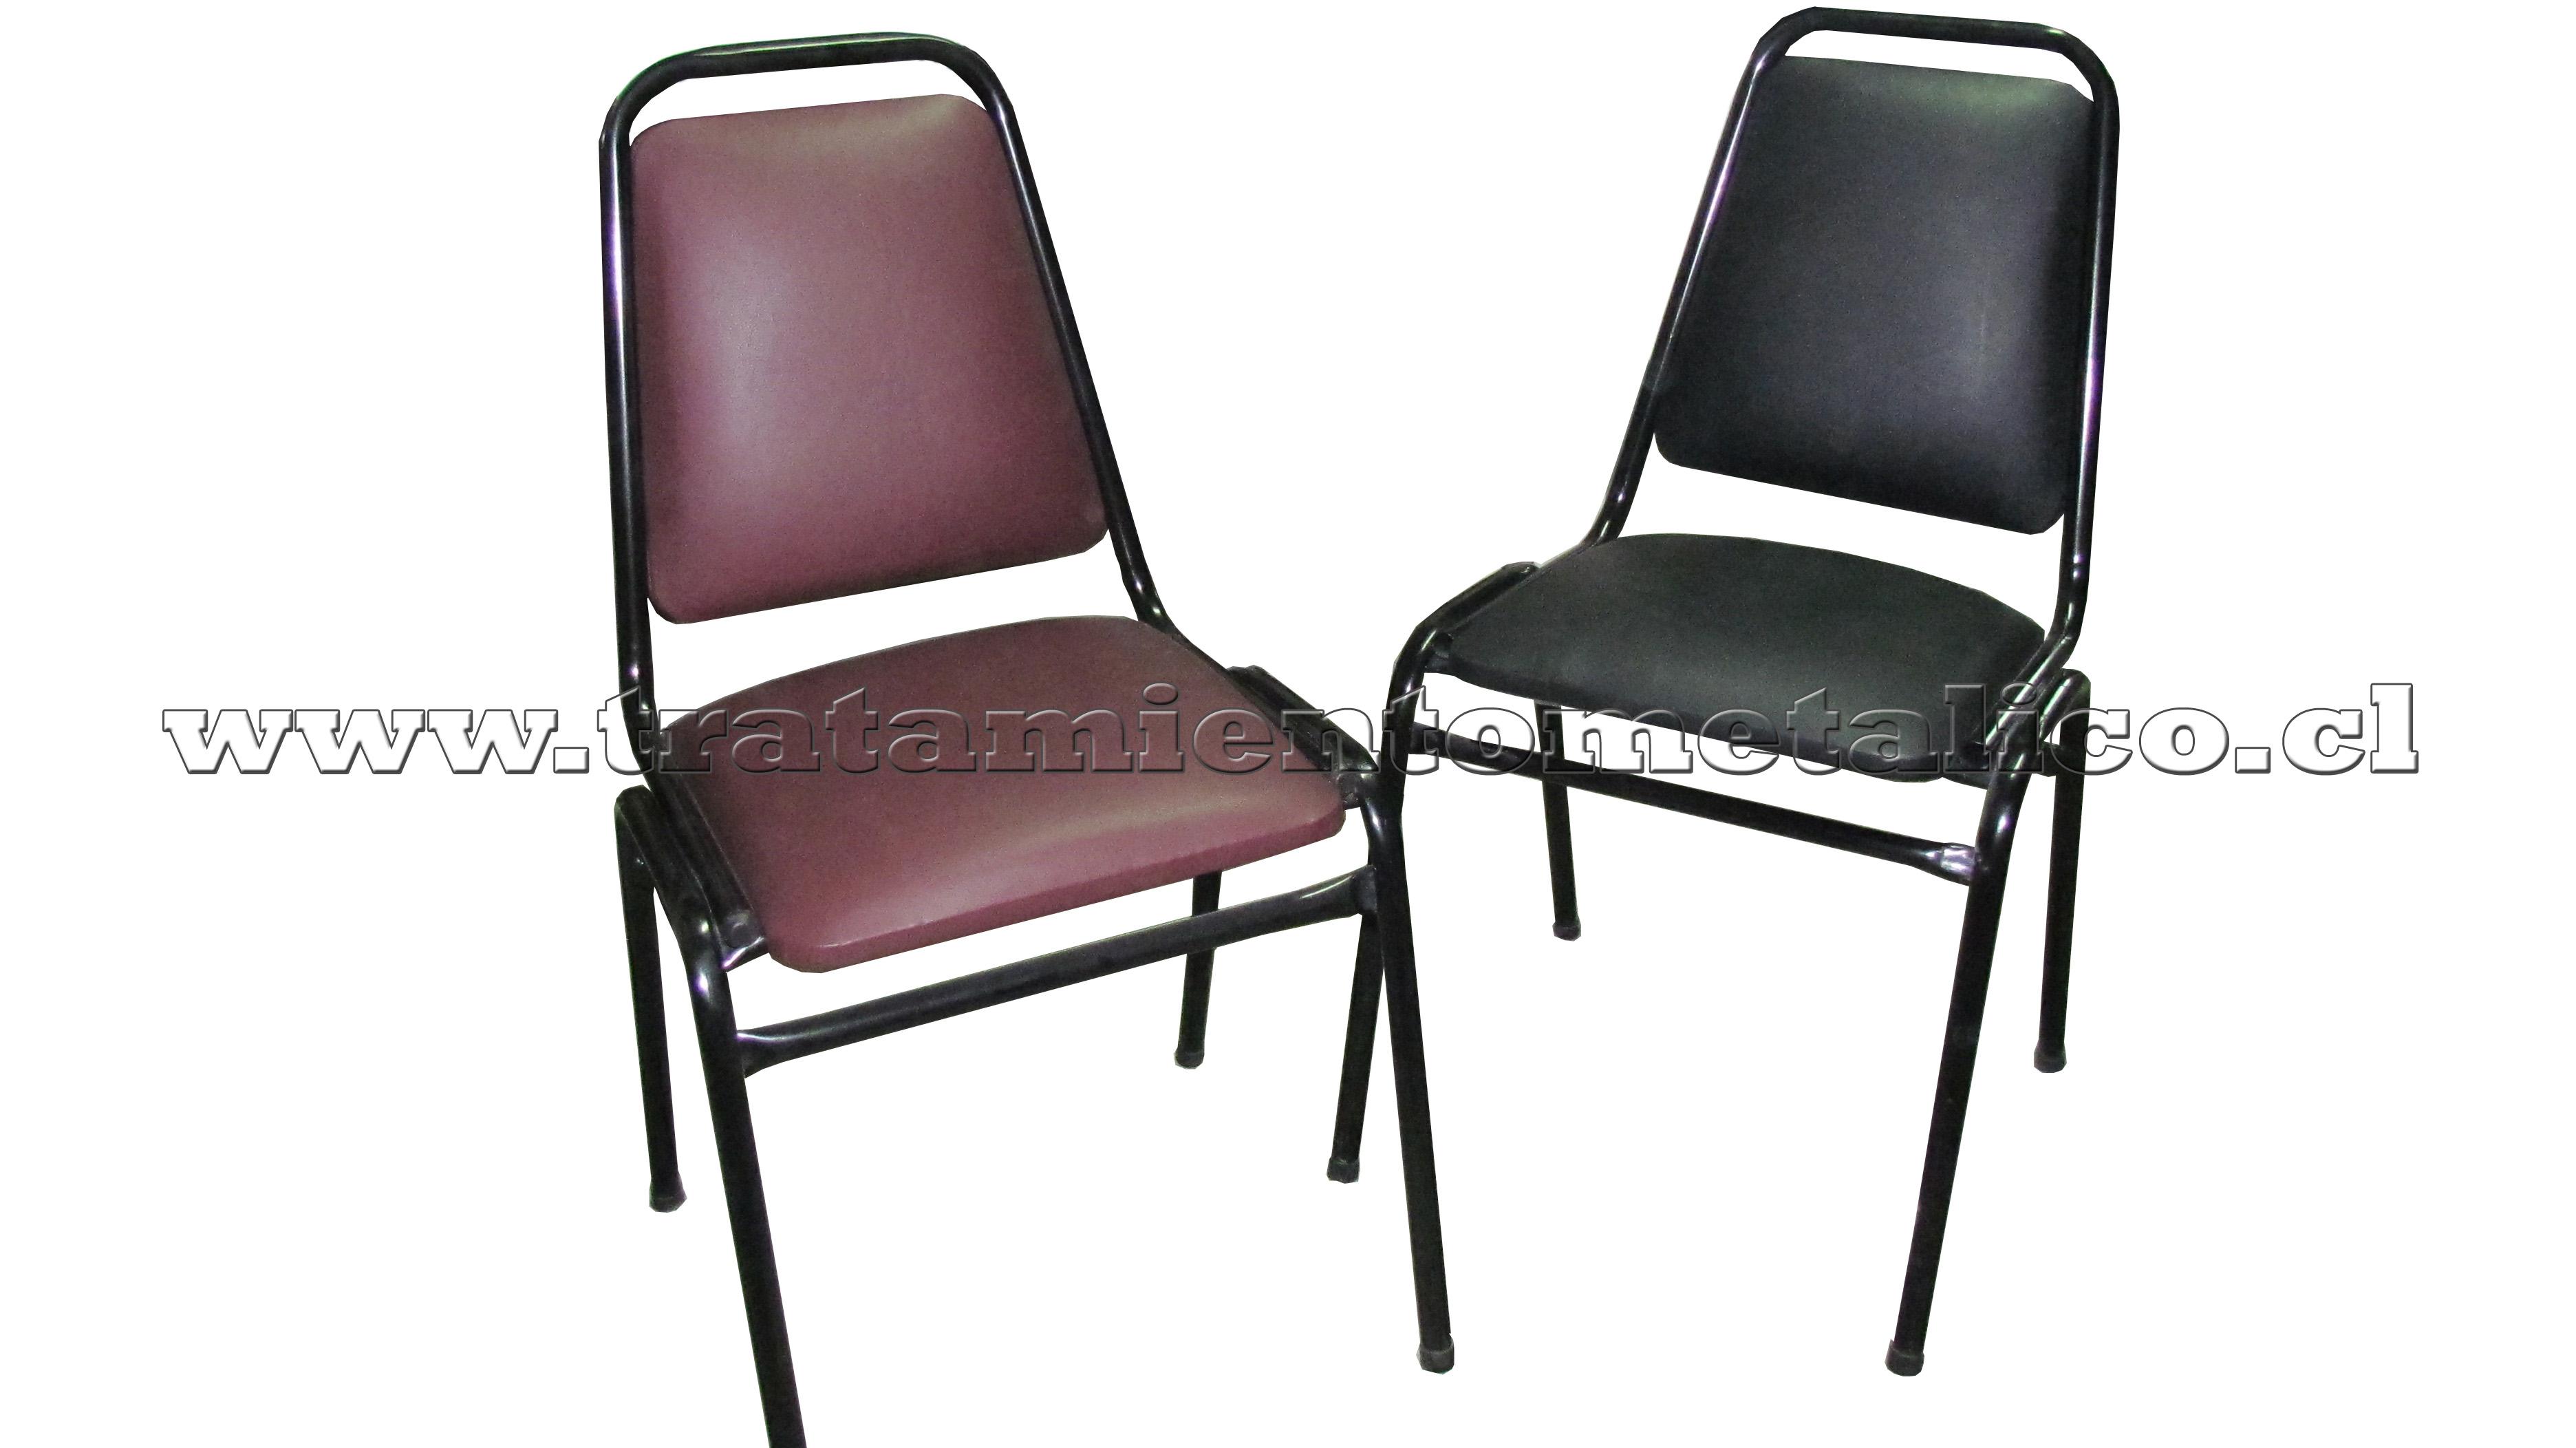 sillas apilables tapizada en tevinil o lanilla  TodoMercado Chile